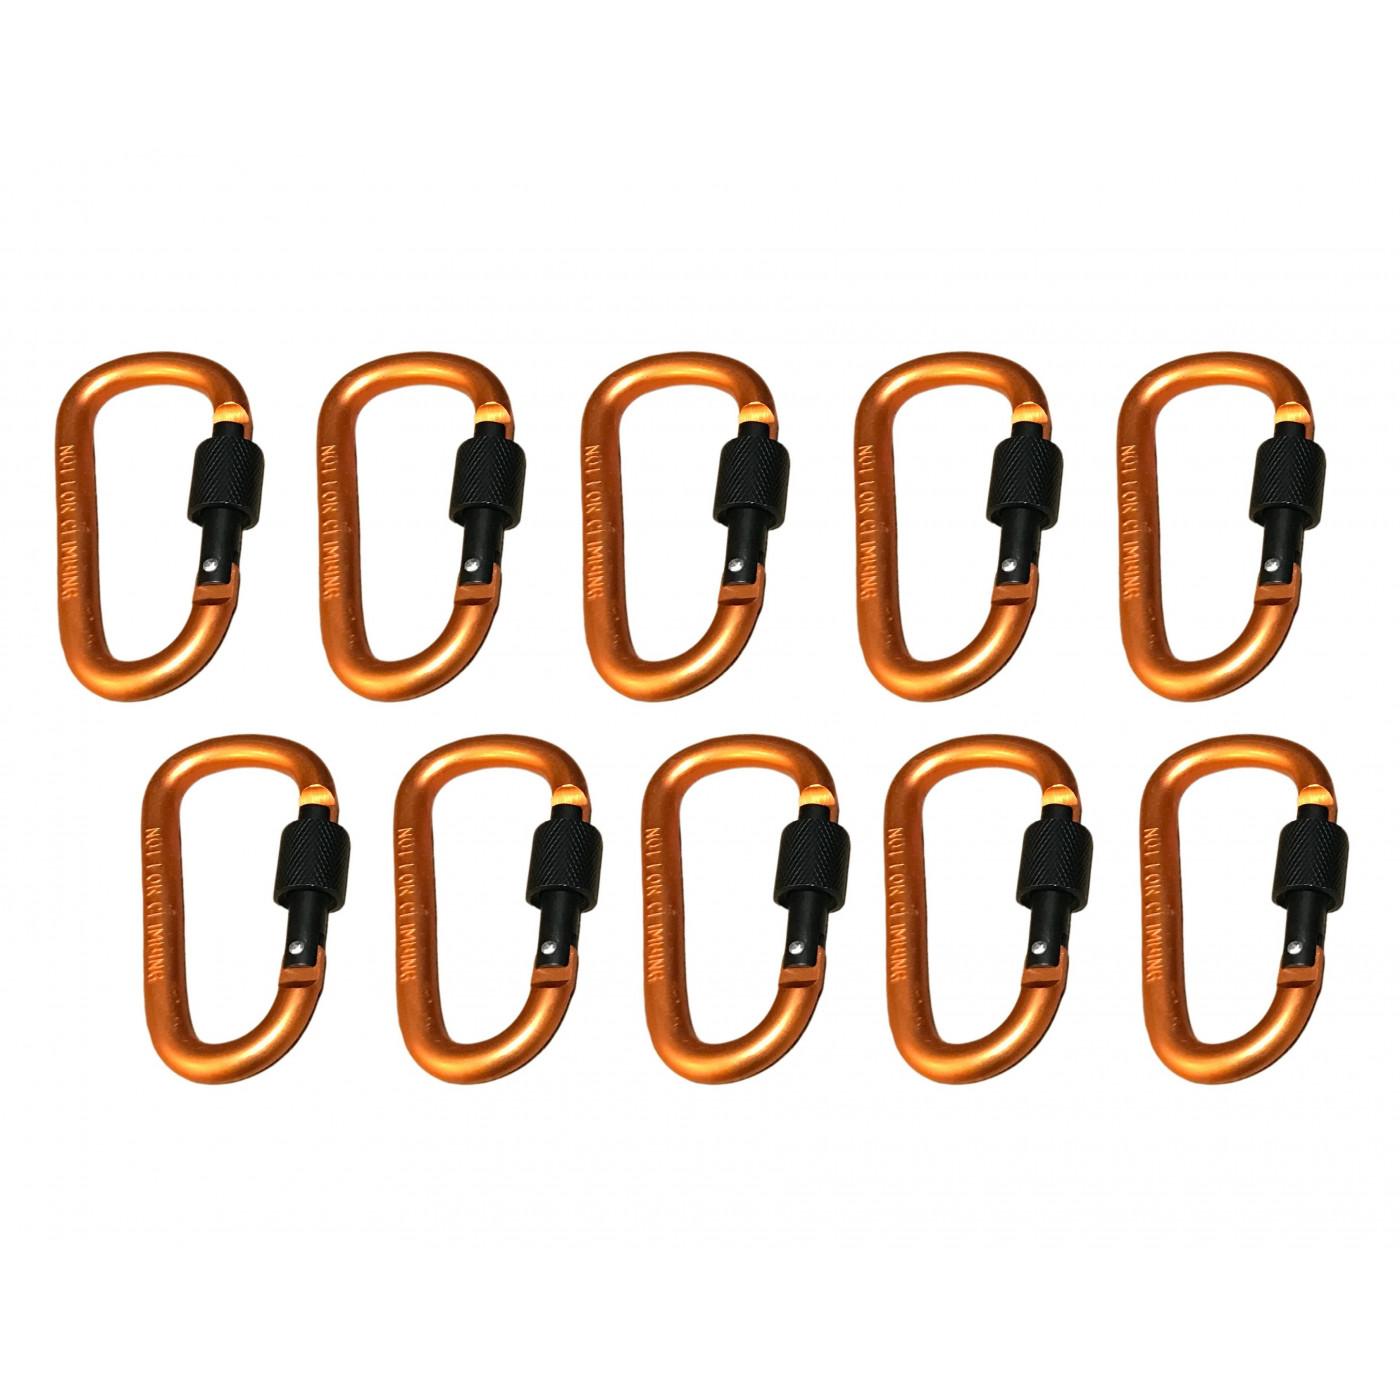 Set van 10 karabijnhaken, kleur 3: orange, 100 kg